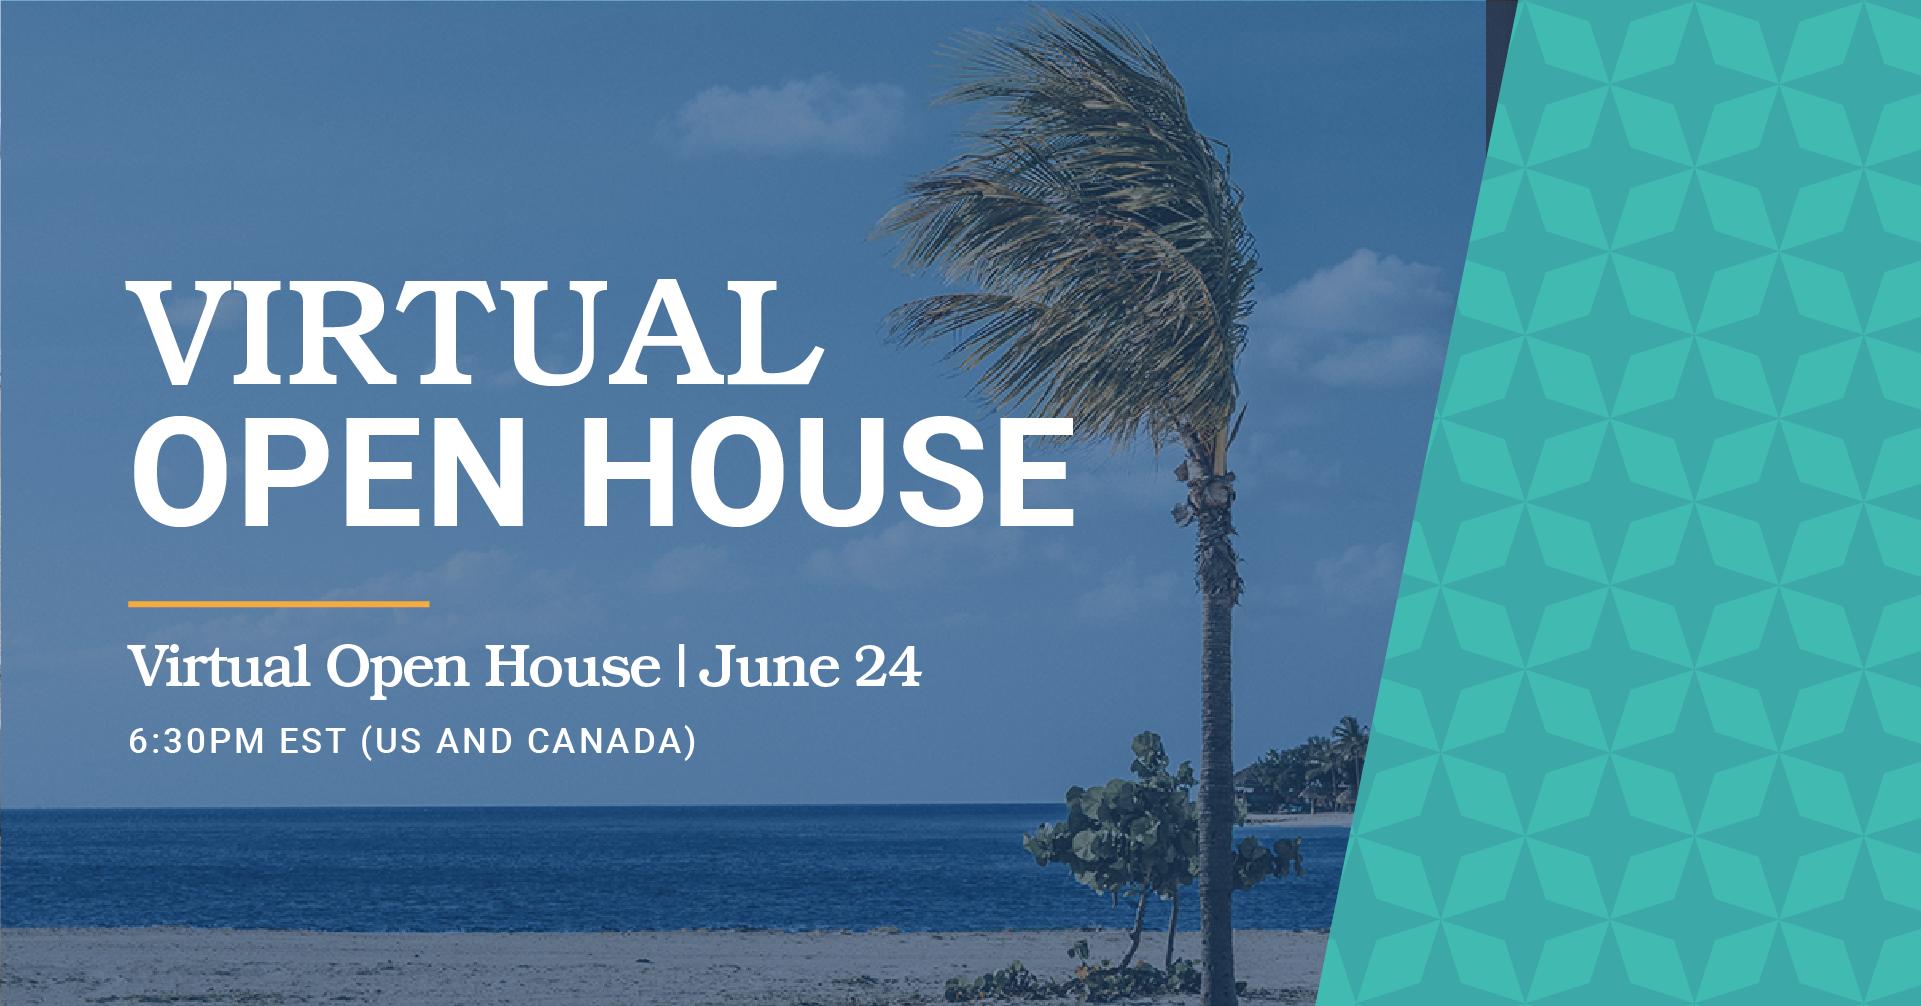 Virtual Open House - Zoom - June 24 - 6:30pm EST